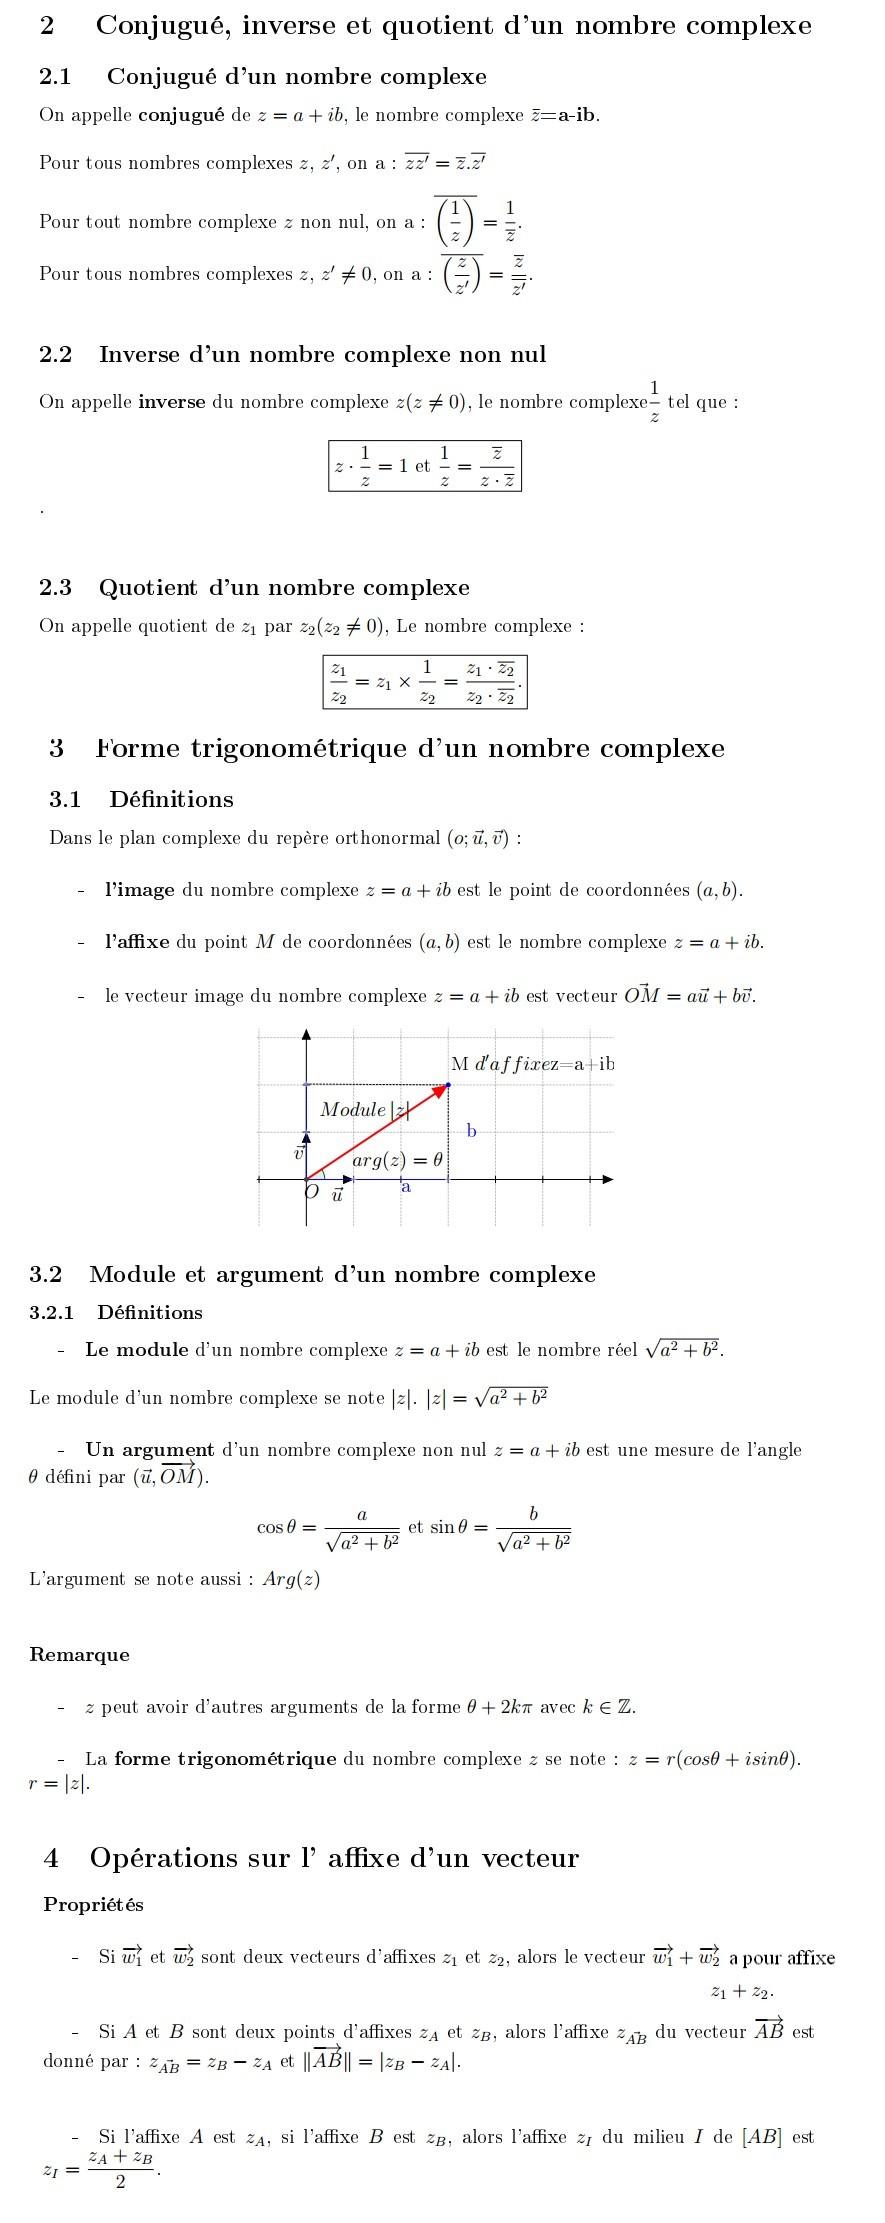 Conjugué-inverse-quotient-forme-trigo-dun-nombre-complexe